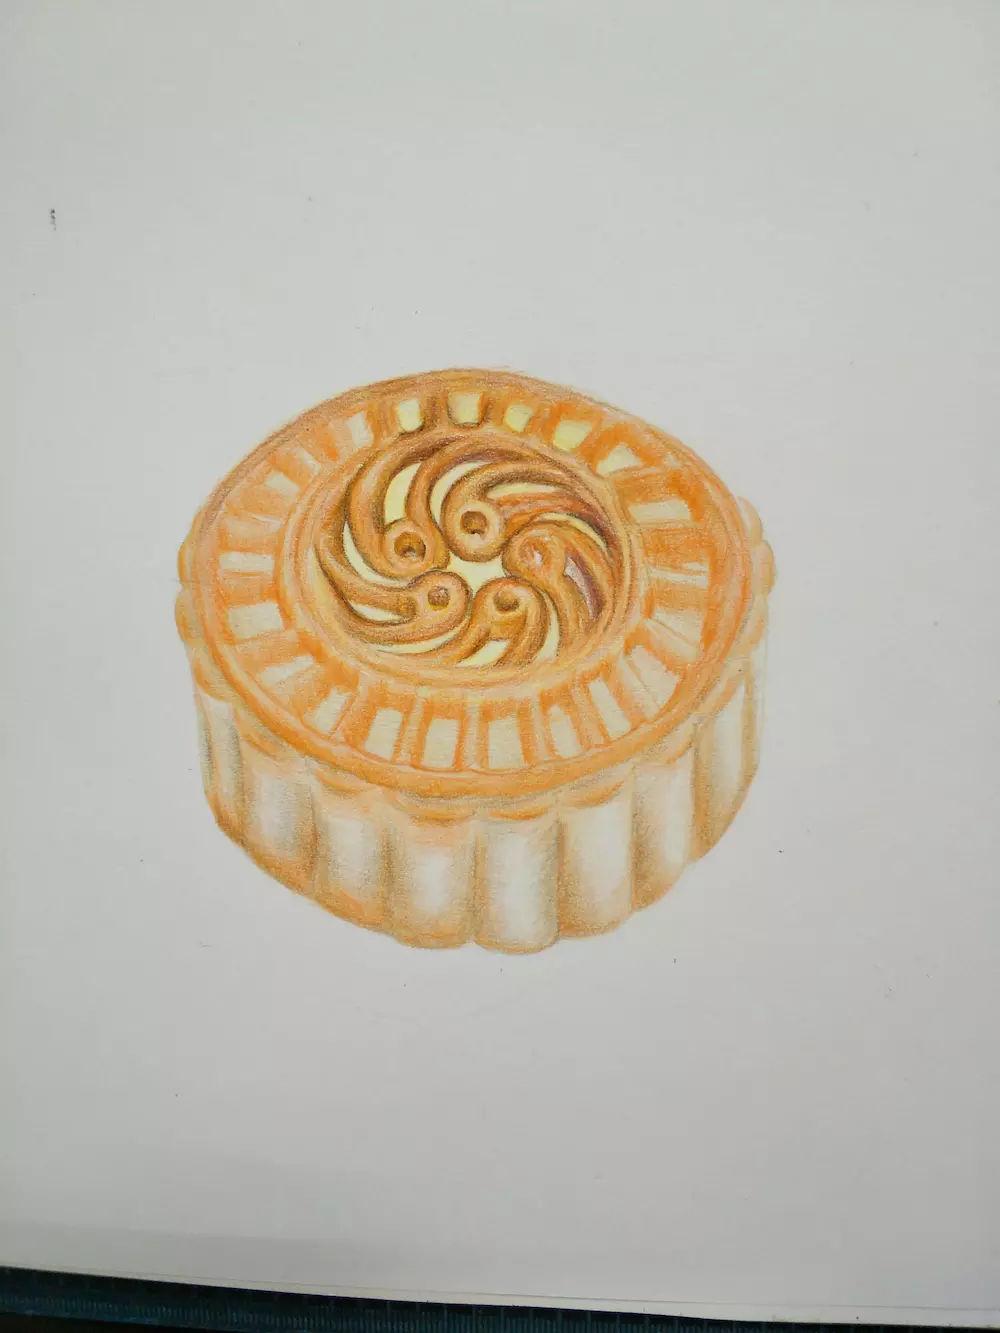 零基础学彩铅第23课:中秋月饼彩铅手绘过程分享